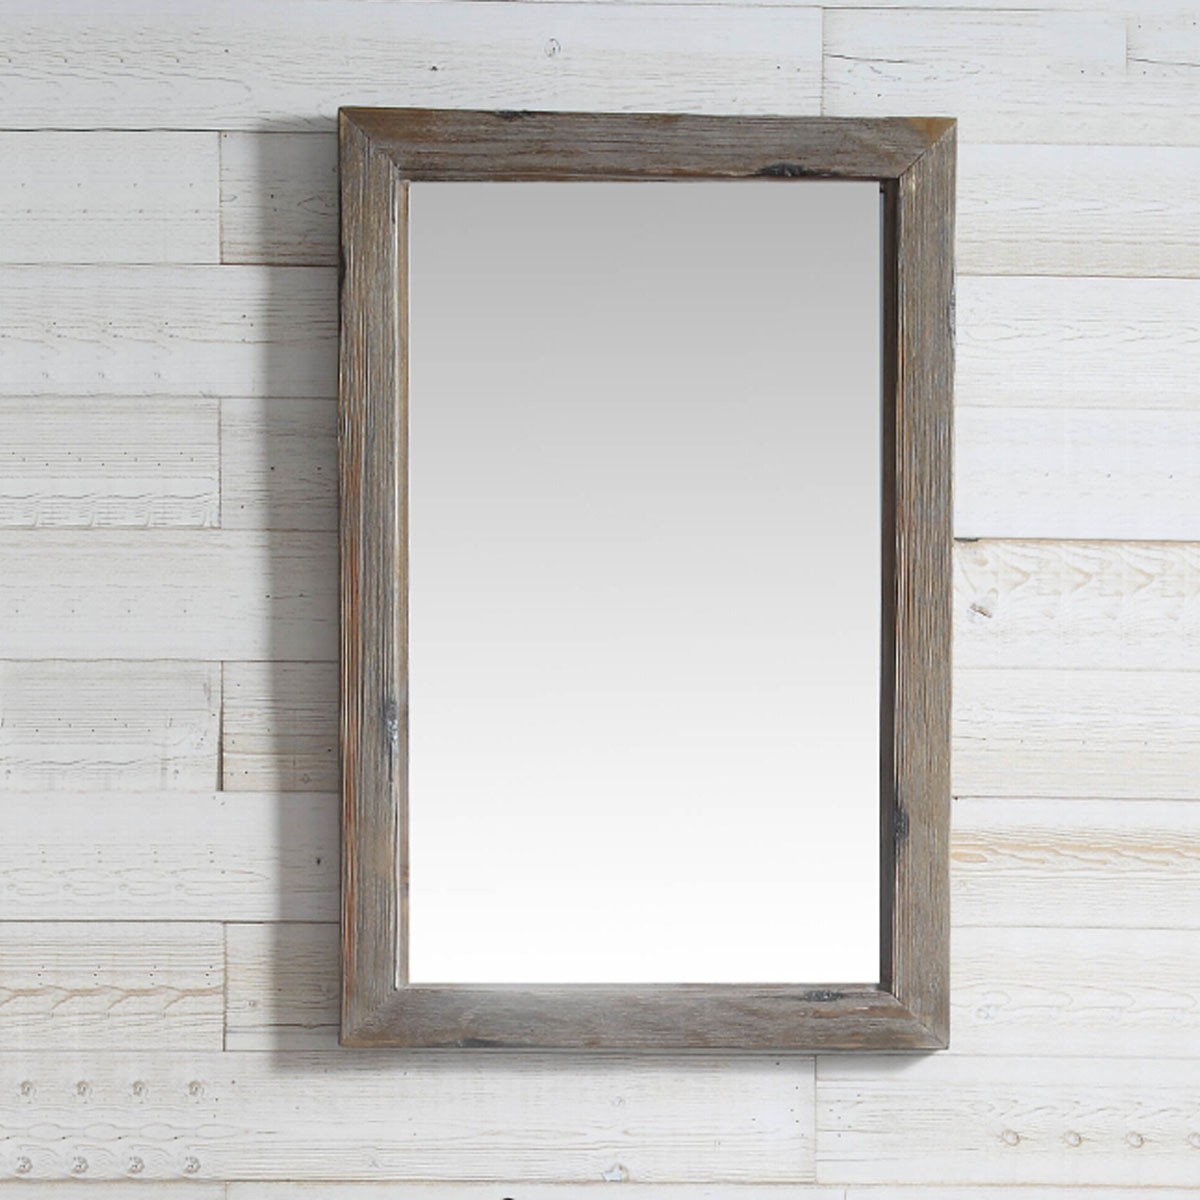 24 x 36 po miroir pour vanit avec cadre en bois de sapin for Miroir pour douche